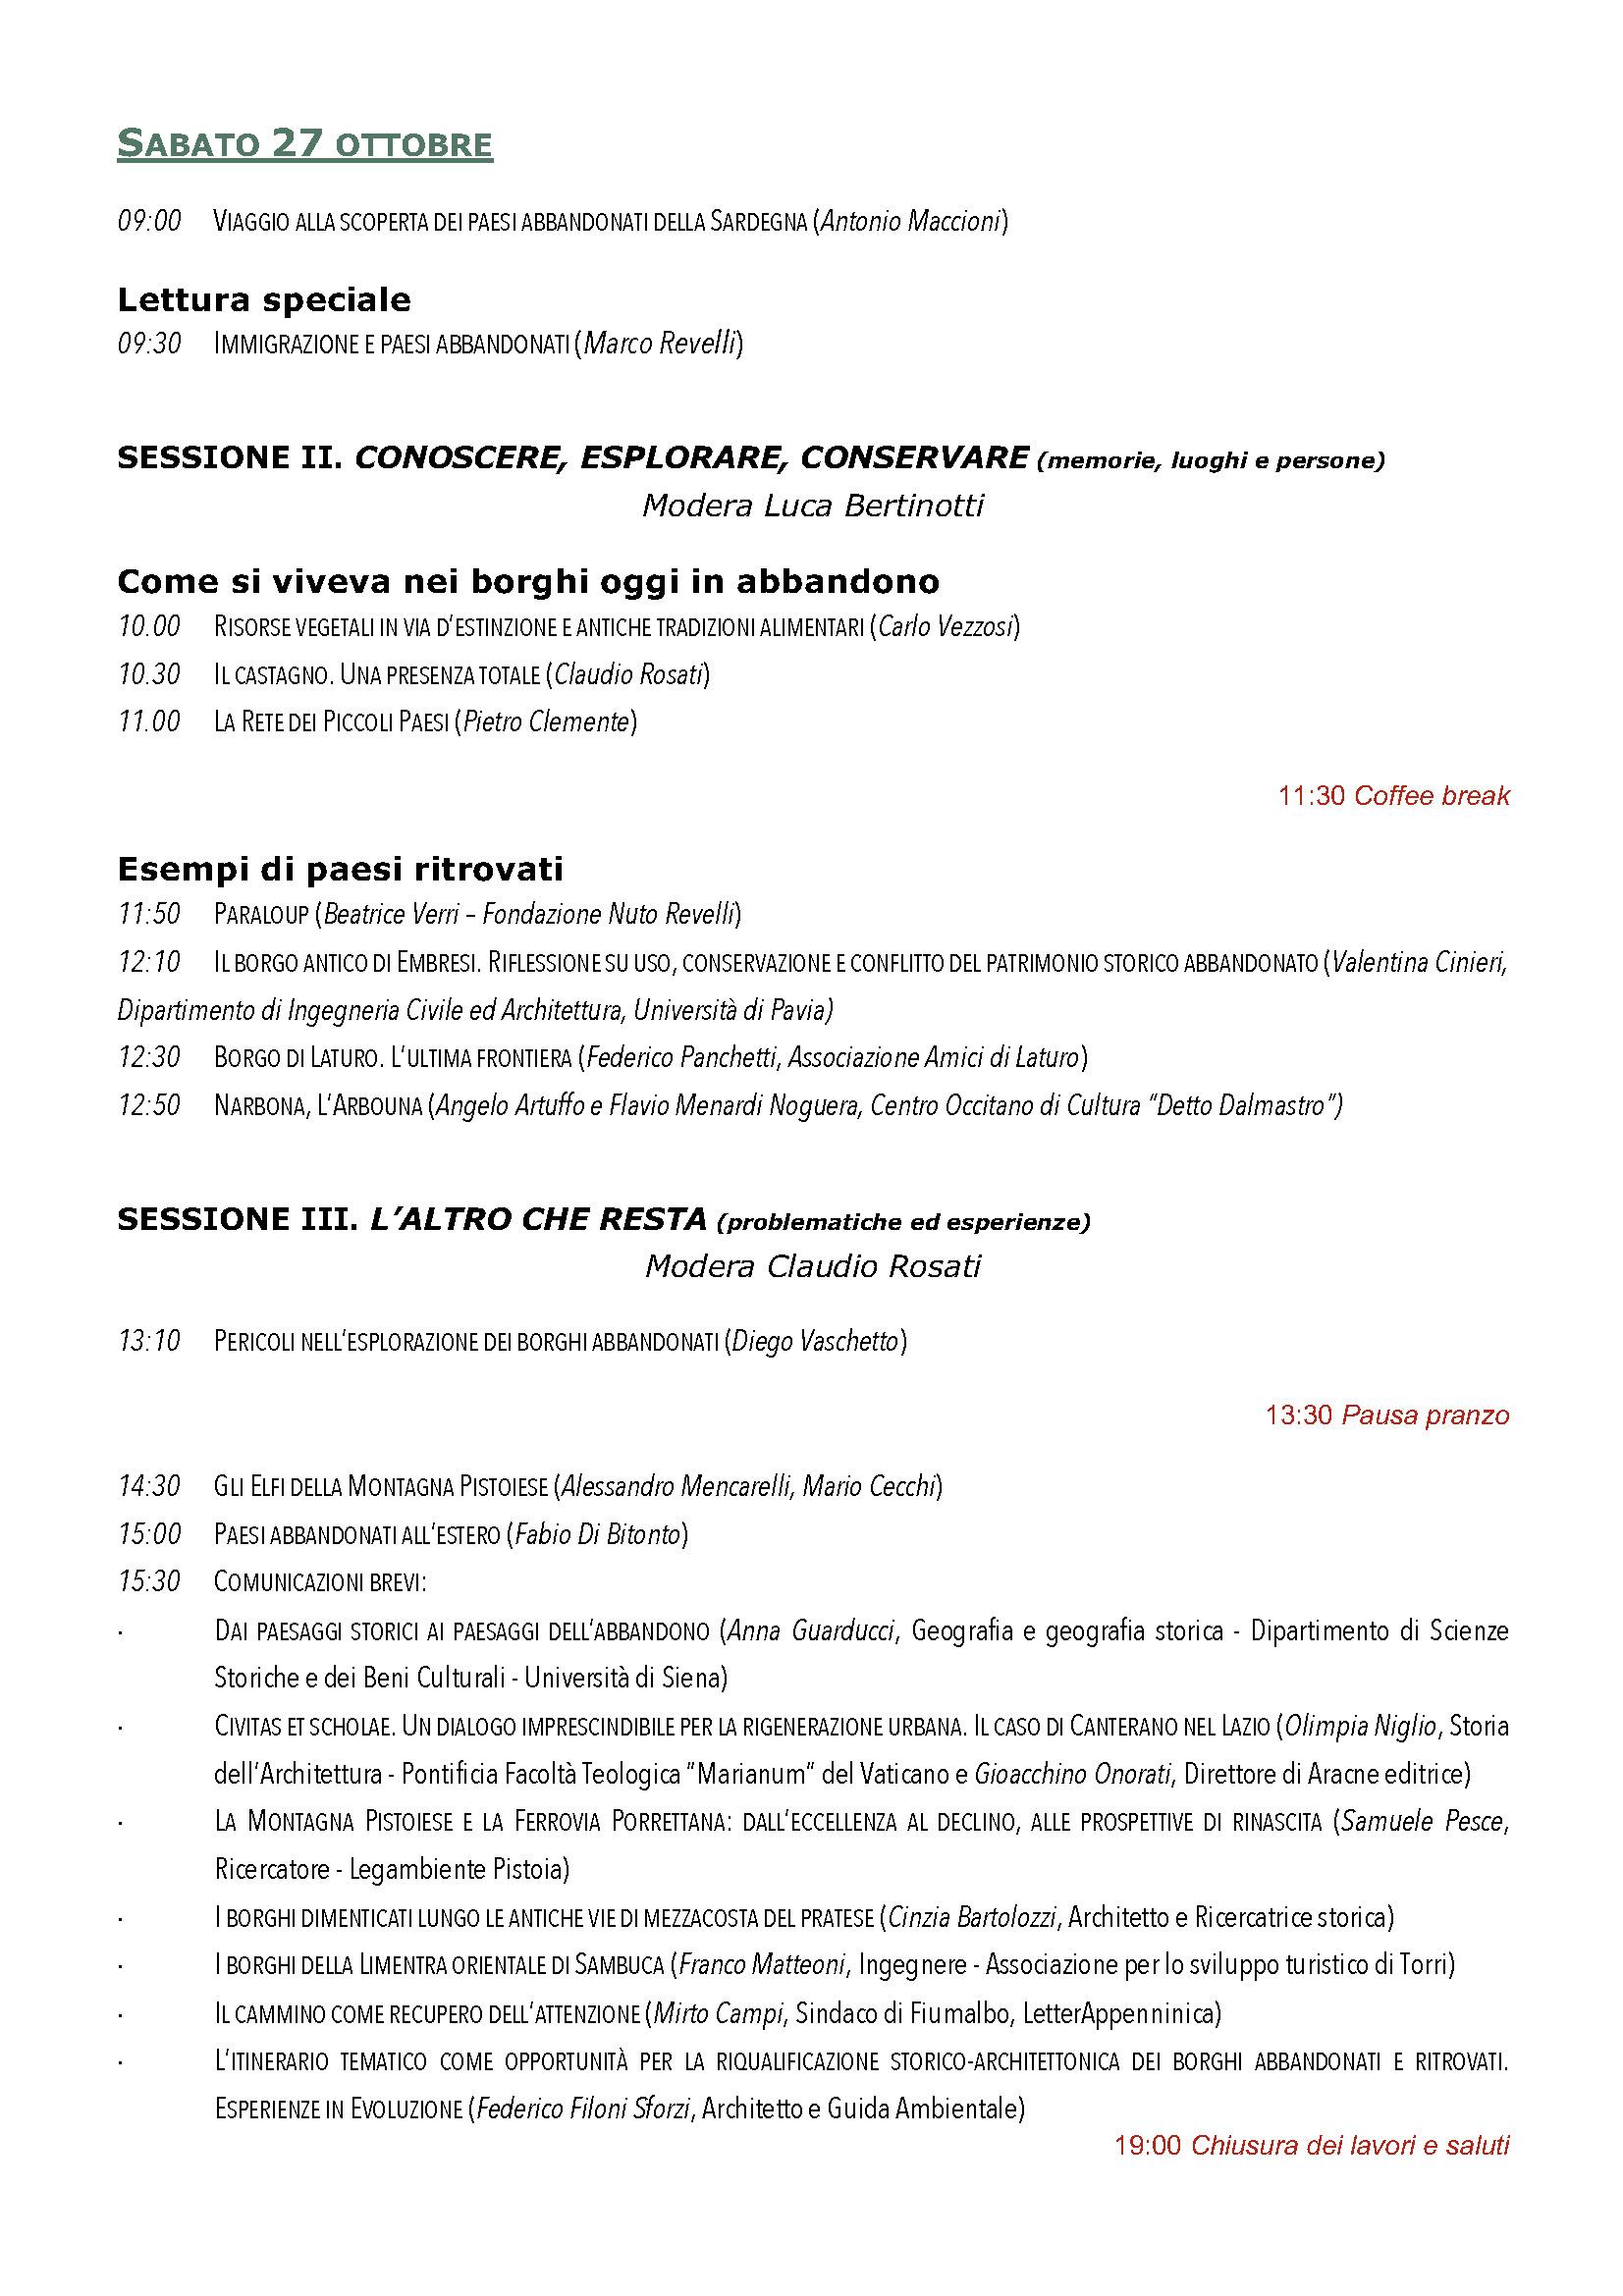 programma-convegno-da-borghi-abbandonati-a-borghi-ritrovati3_Pagina_3